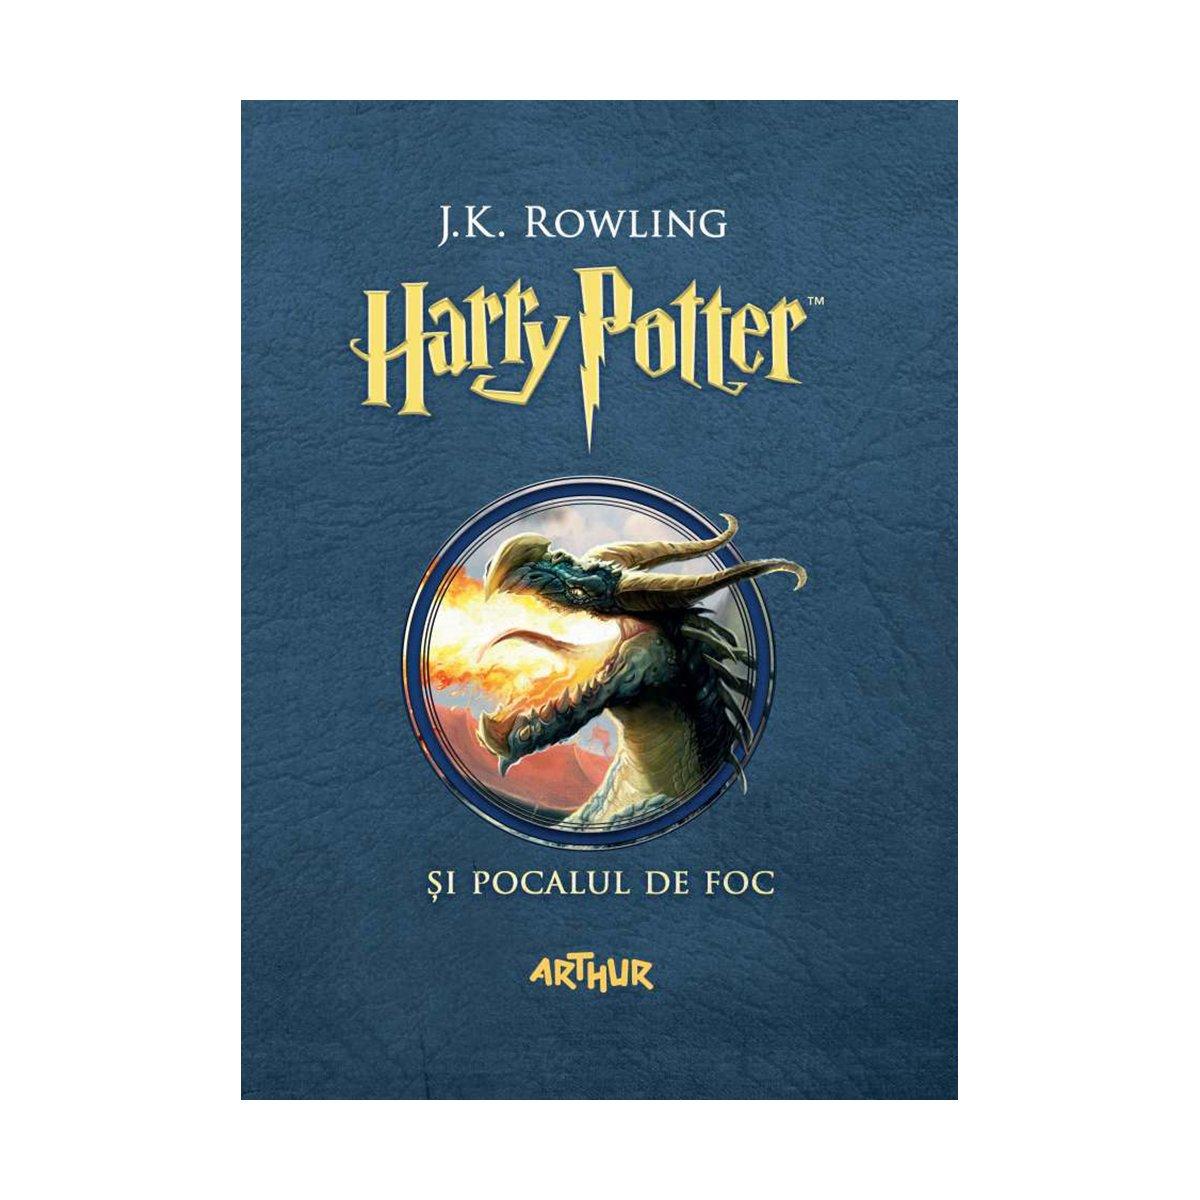 Carte Editura Arthur, Harry Potter si Pocalul de Foc, J.K.Rowling